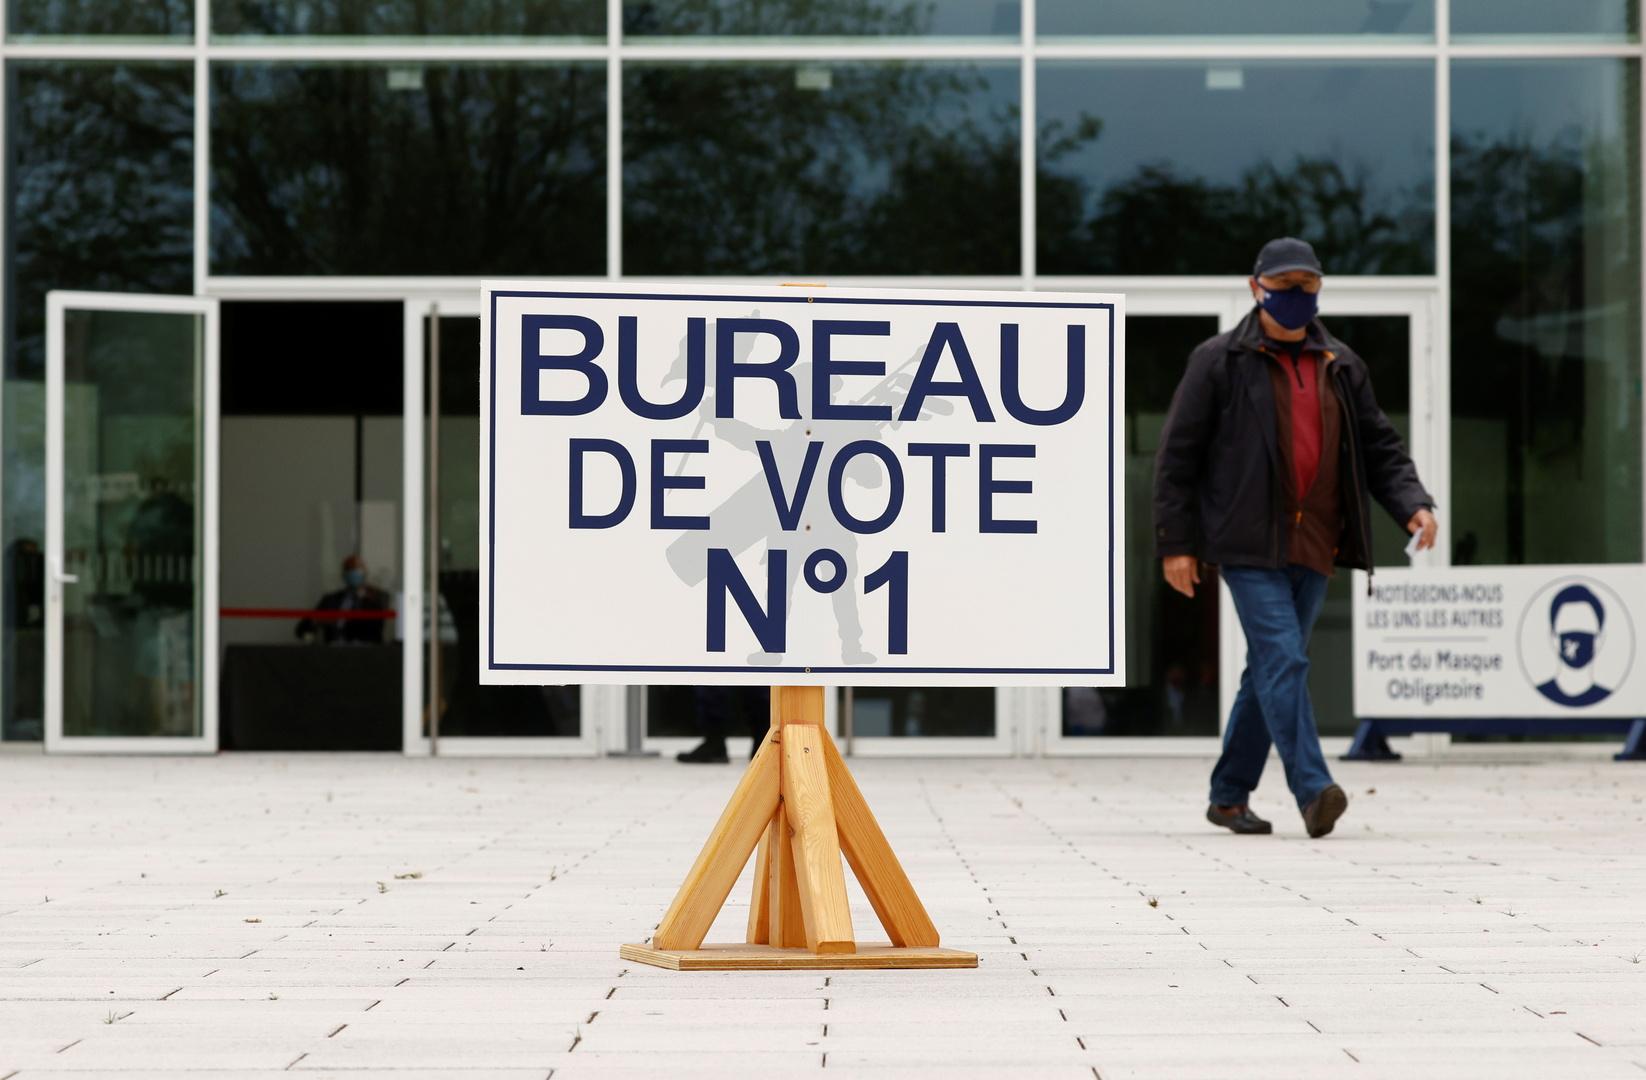 مكتب اقتراع في الانتخابات المحلية الفرنسية